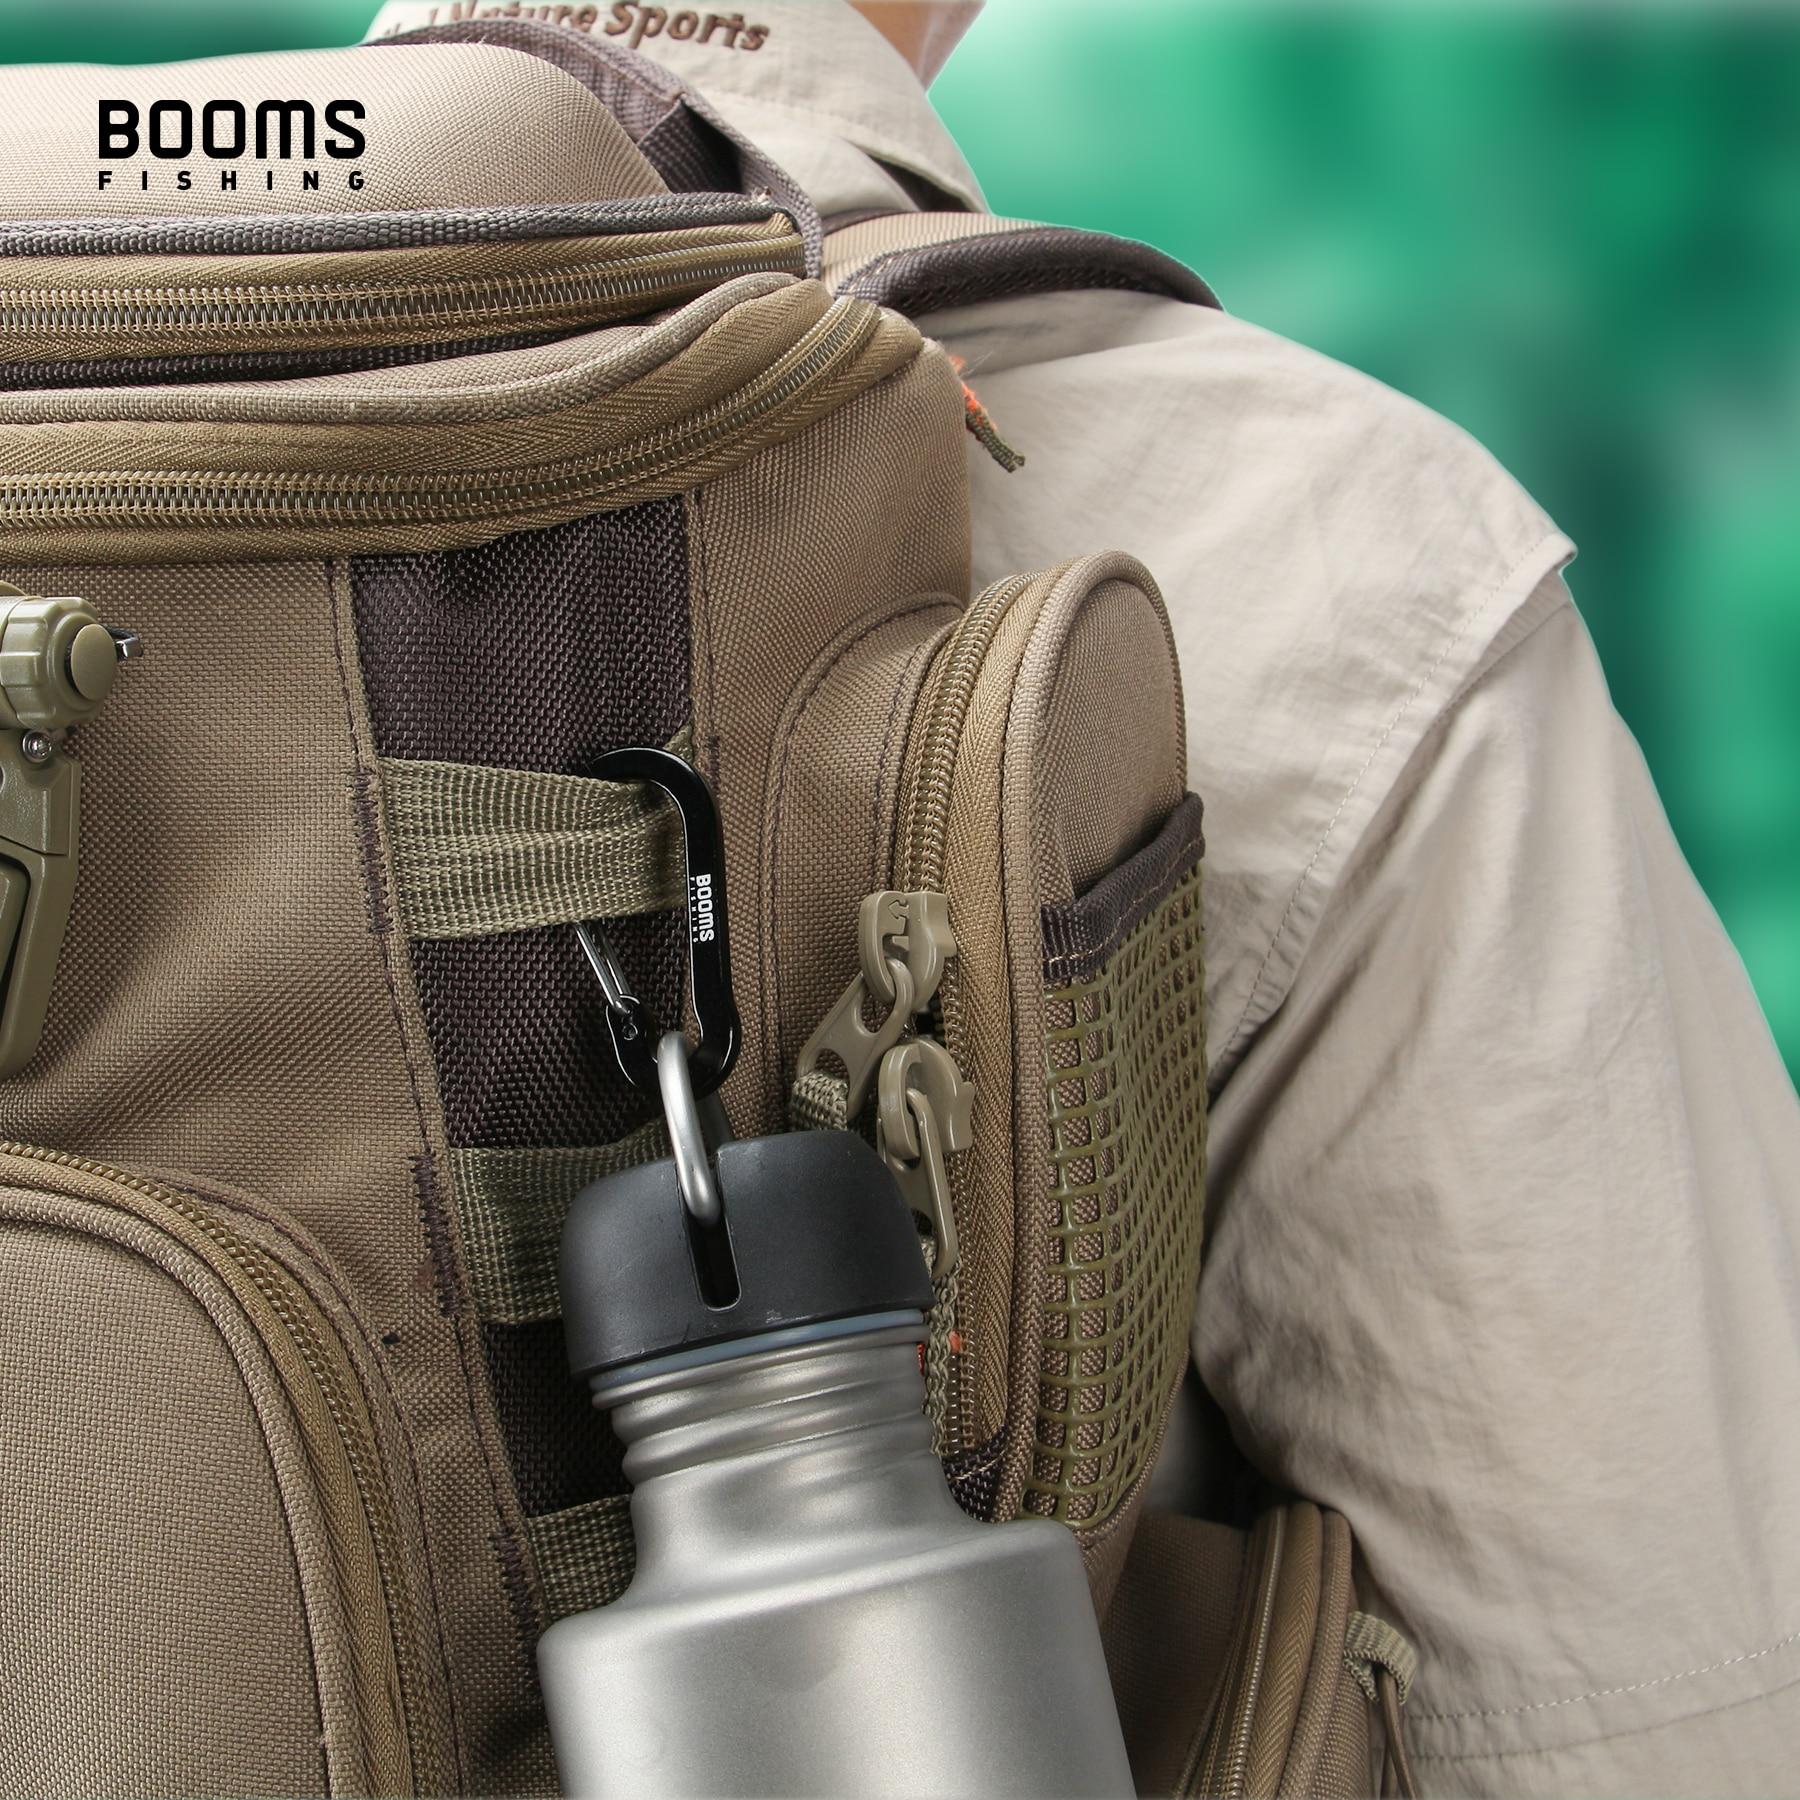 Booms Fishing CC1 petits mousquetons en acier, Camping en plein air, multi-outils, accessoires de pêche, 6 pièces 5